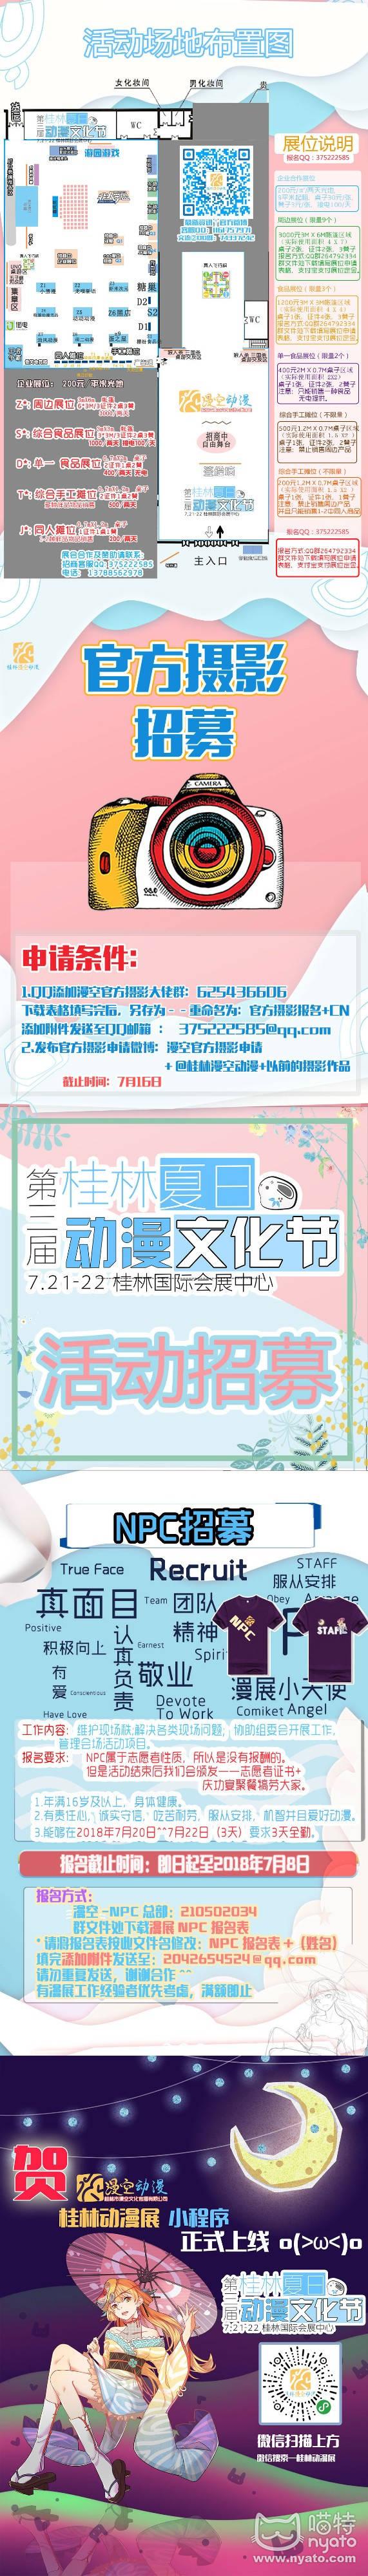 888招商-合作---海报--2.jpg